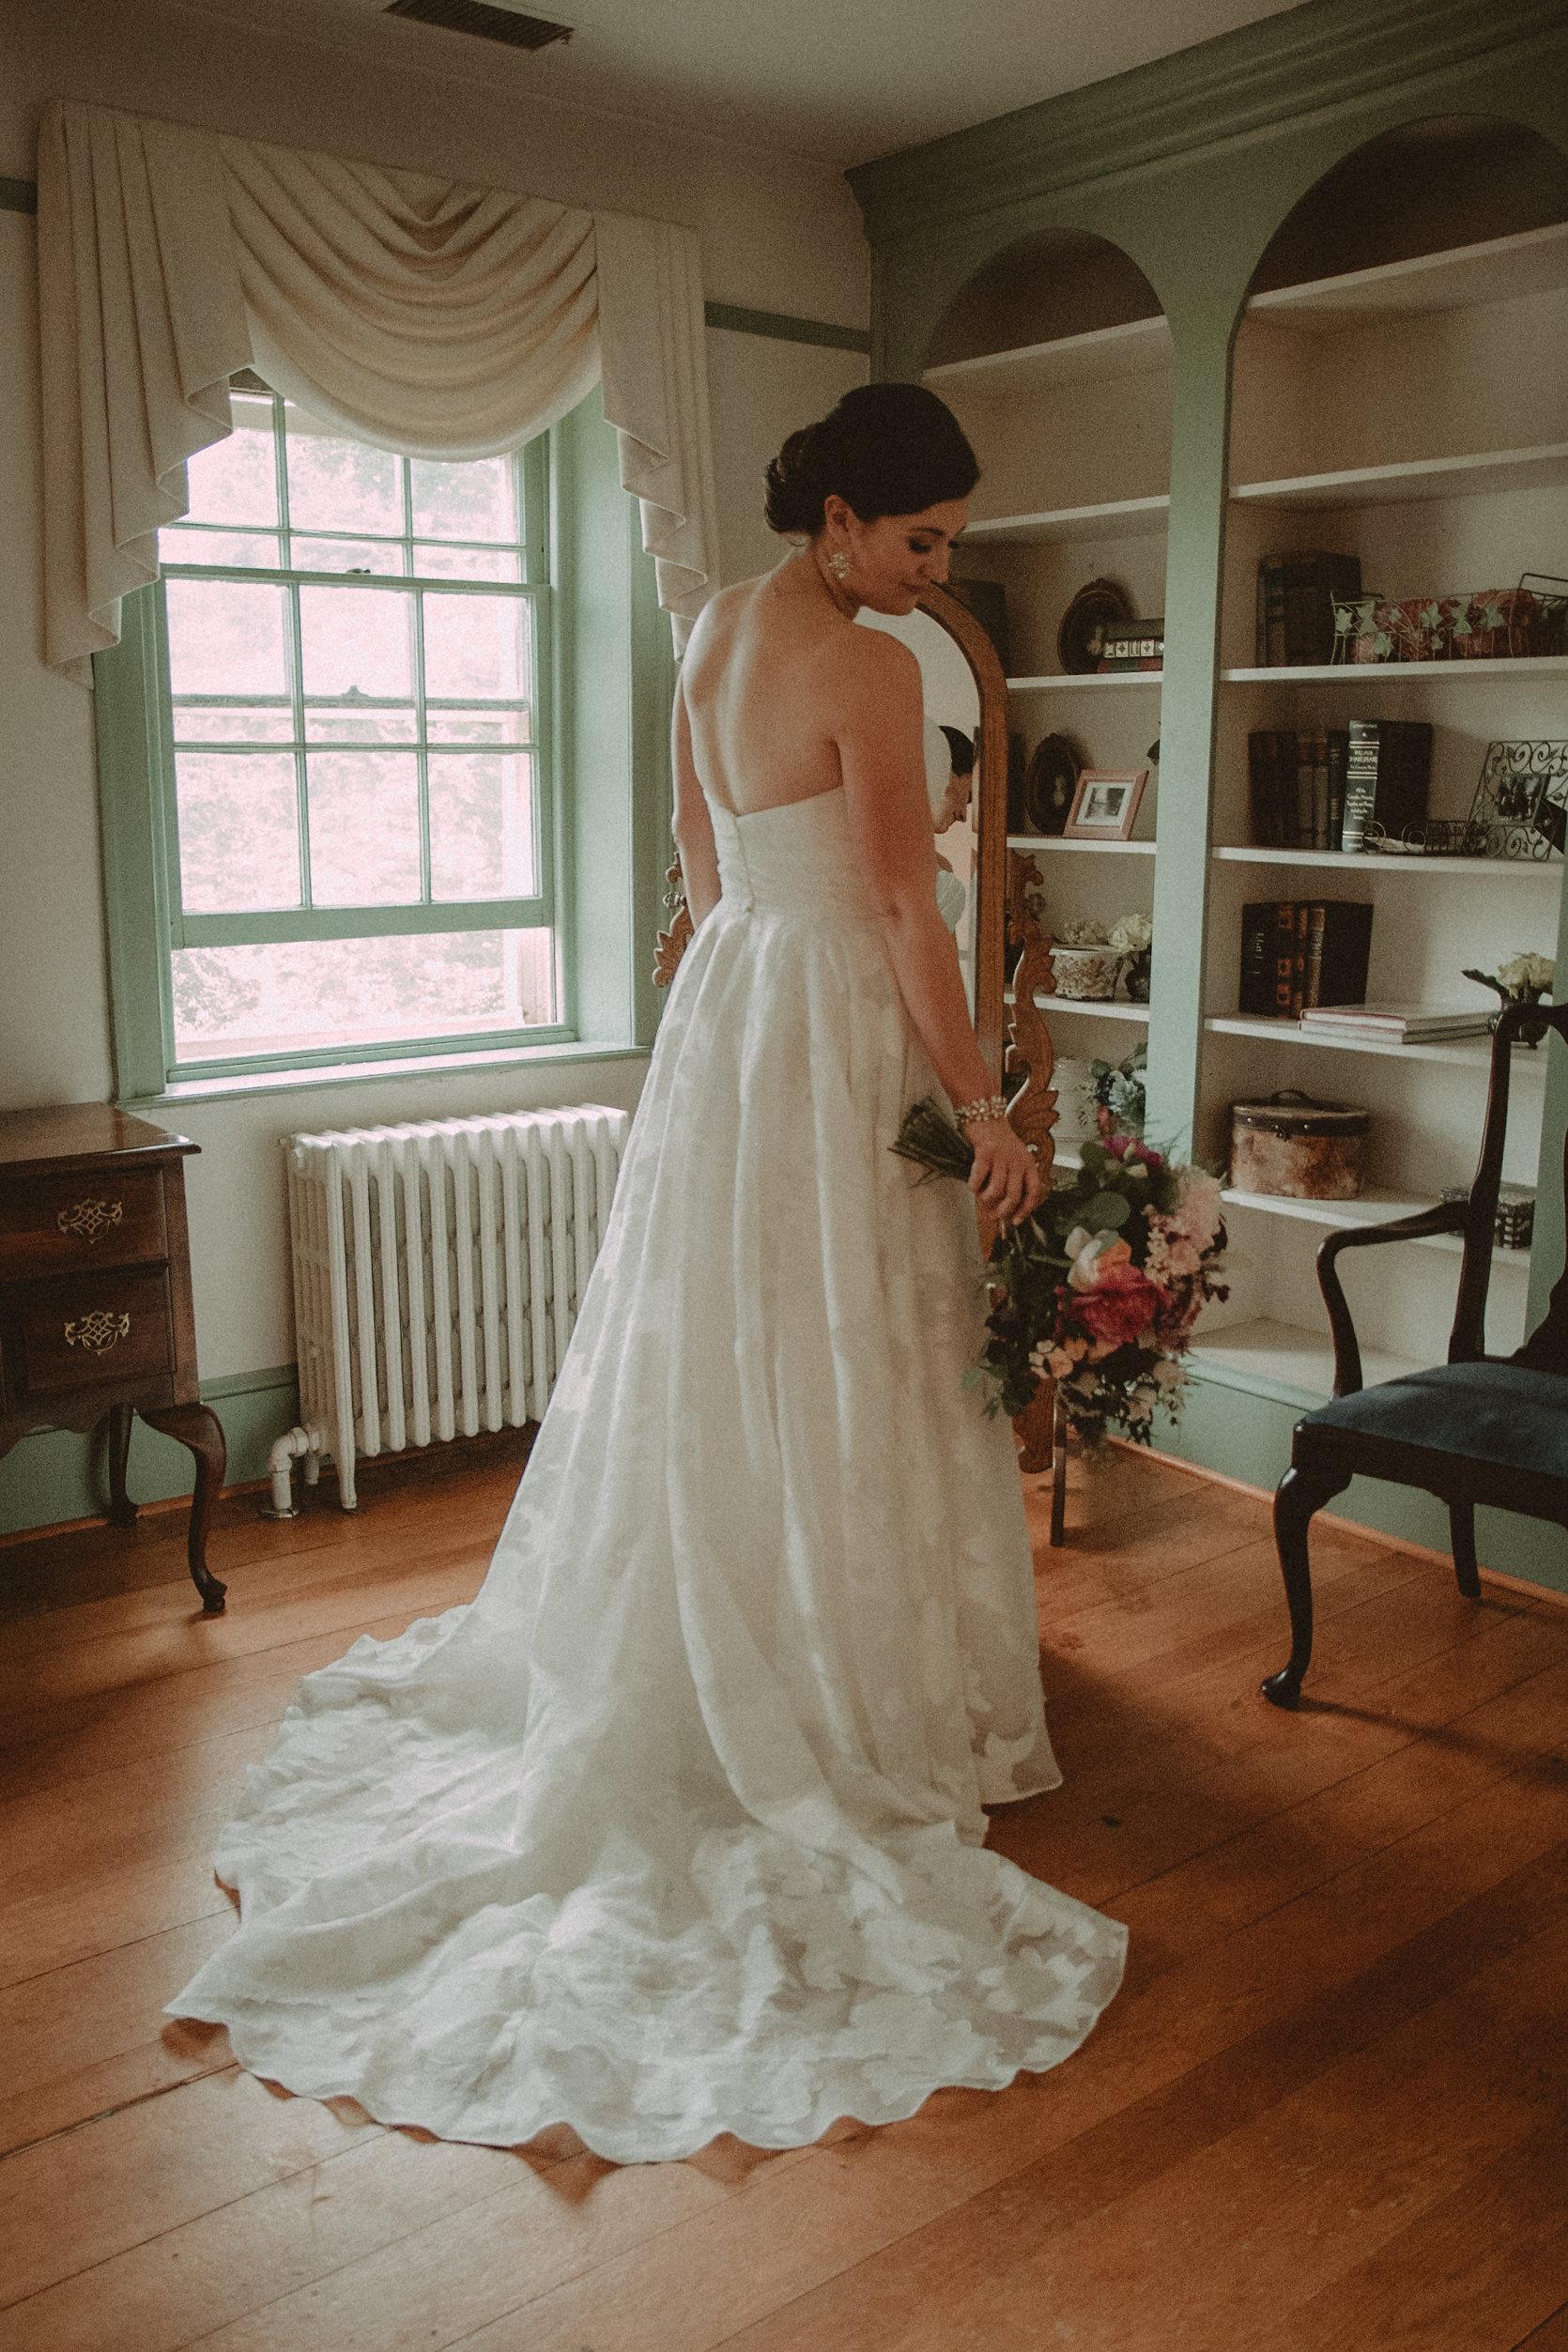 Bride posing in front of mirror